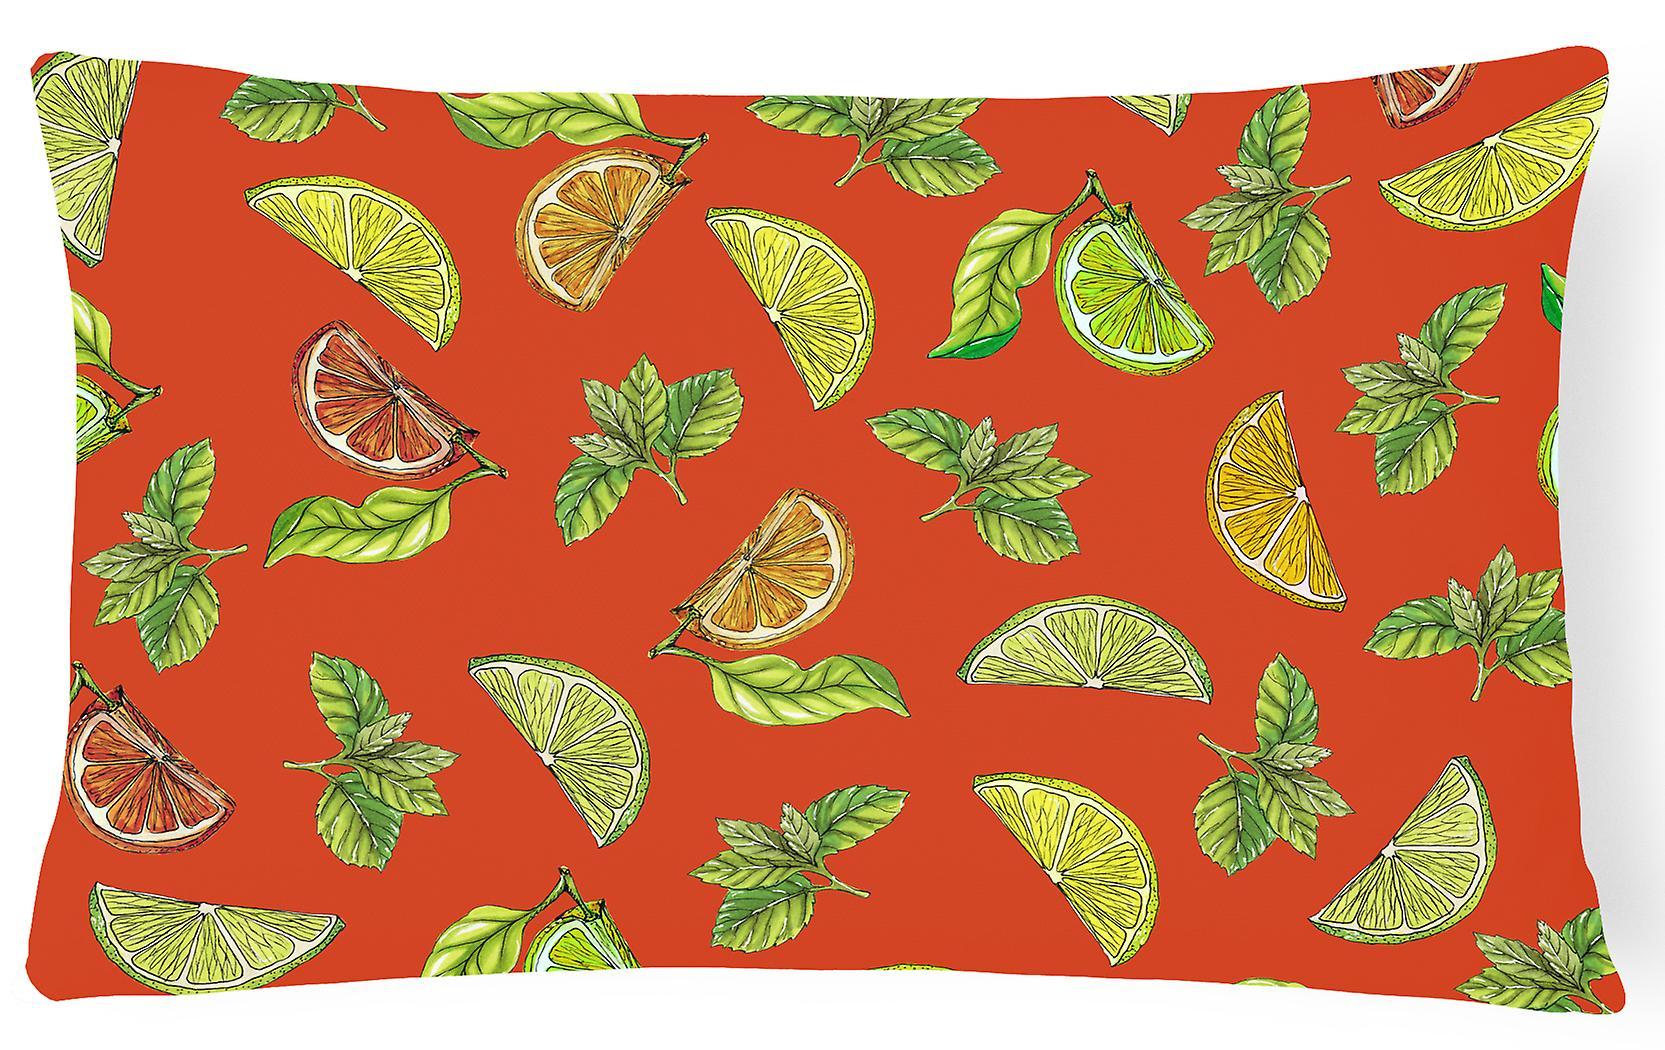 Tissu Et CitronsLimes Décoratif Toile Oreiller De Oranges Flc3uKJT1